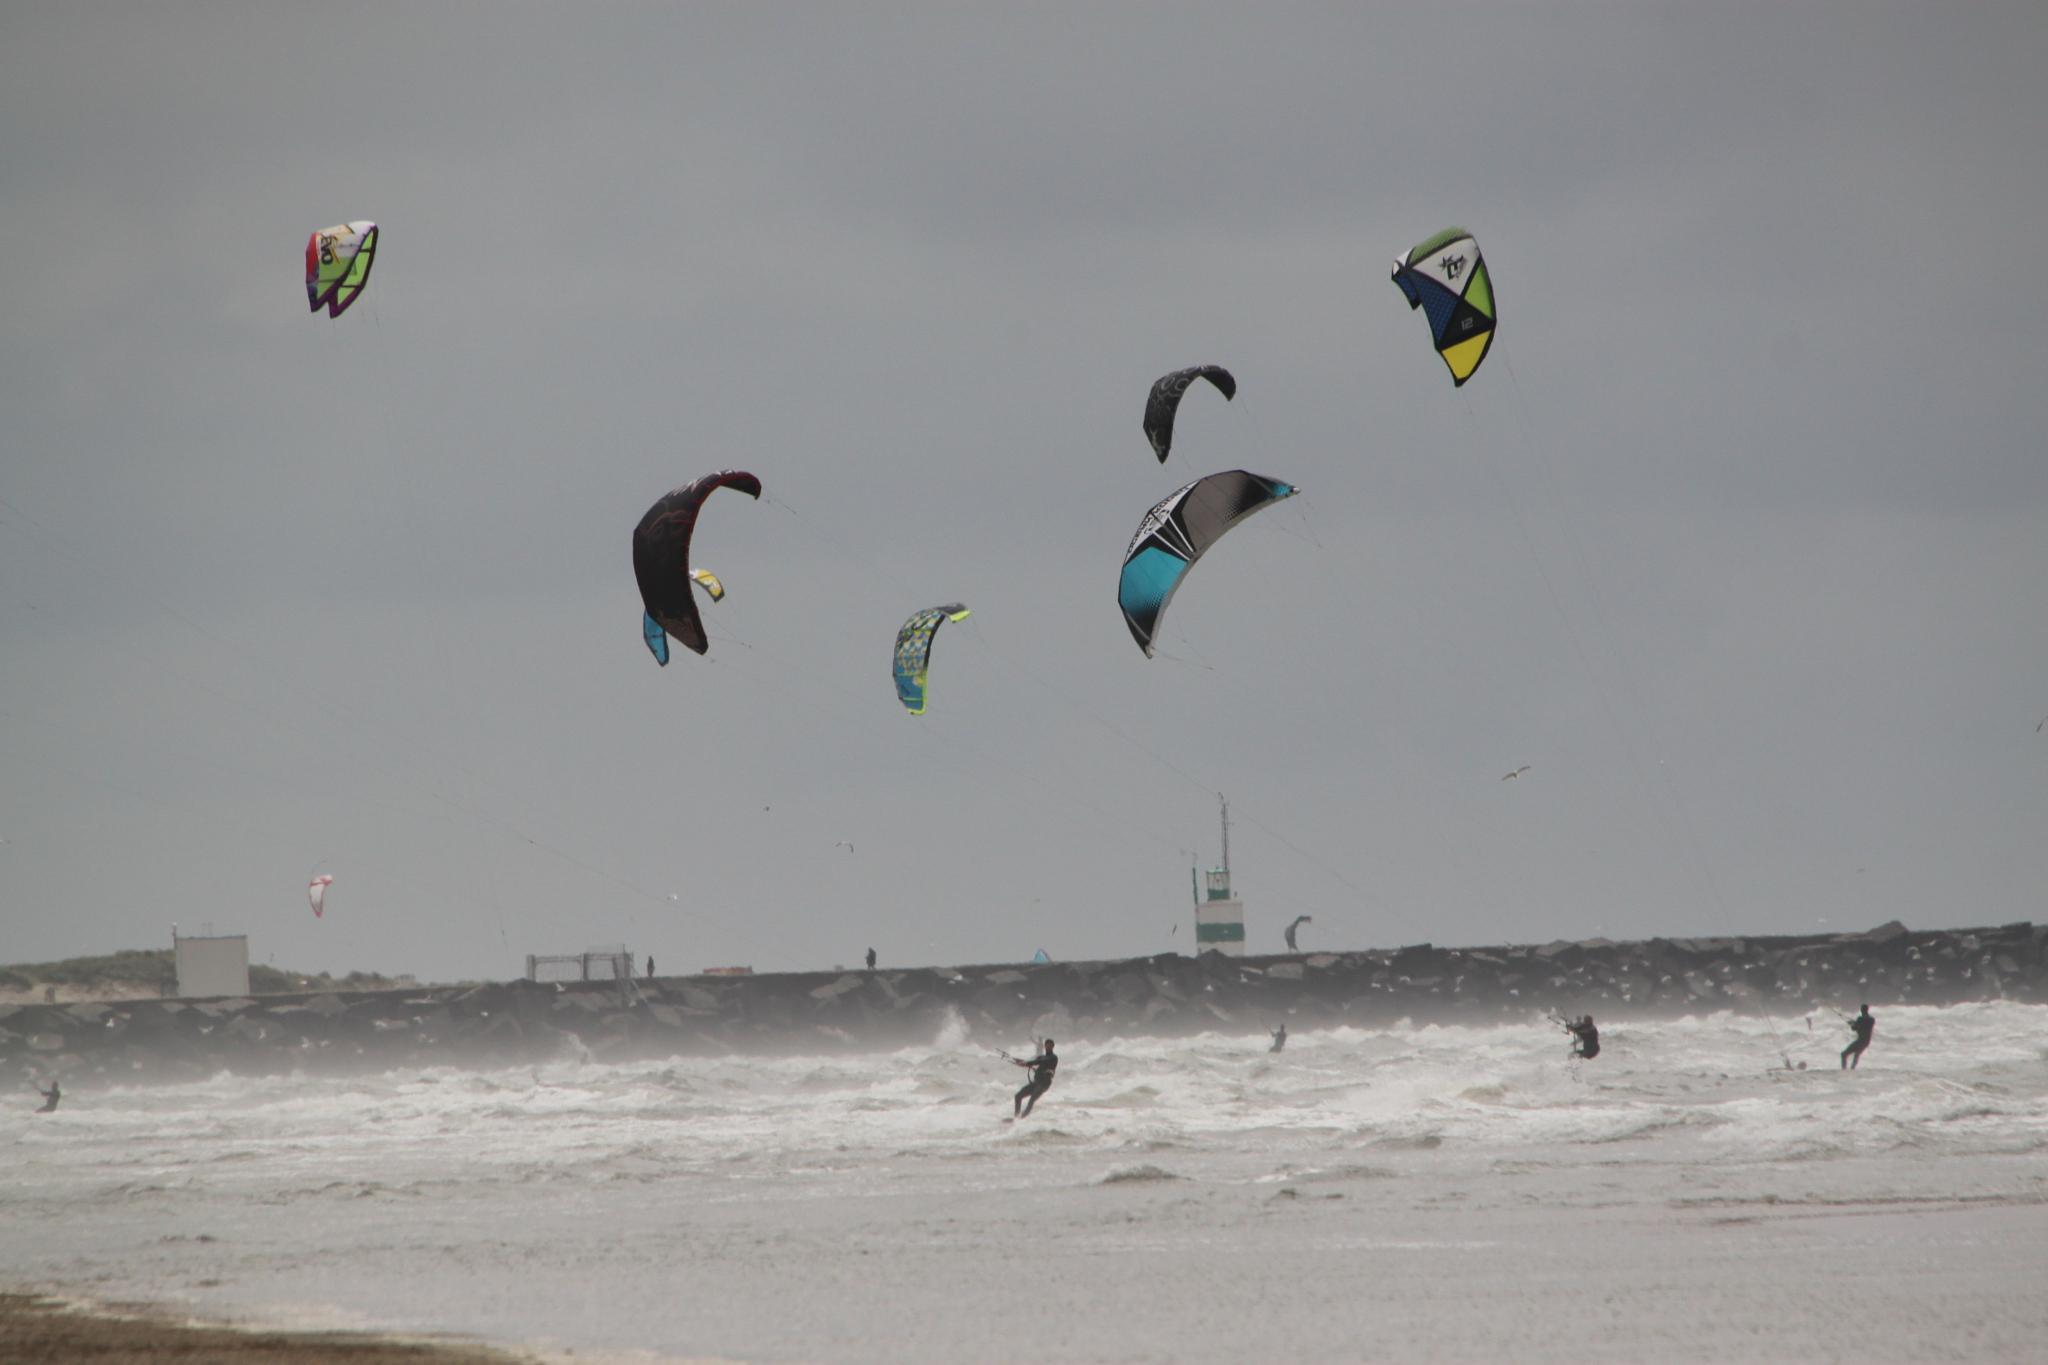 kite surfing by Sijb Huijser